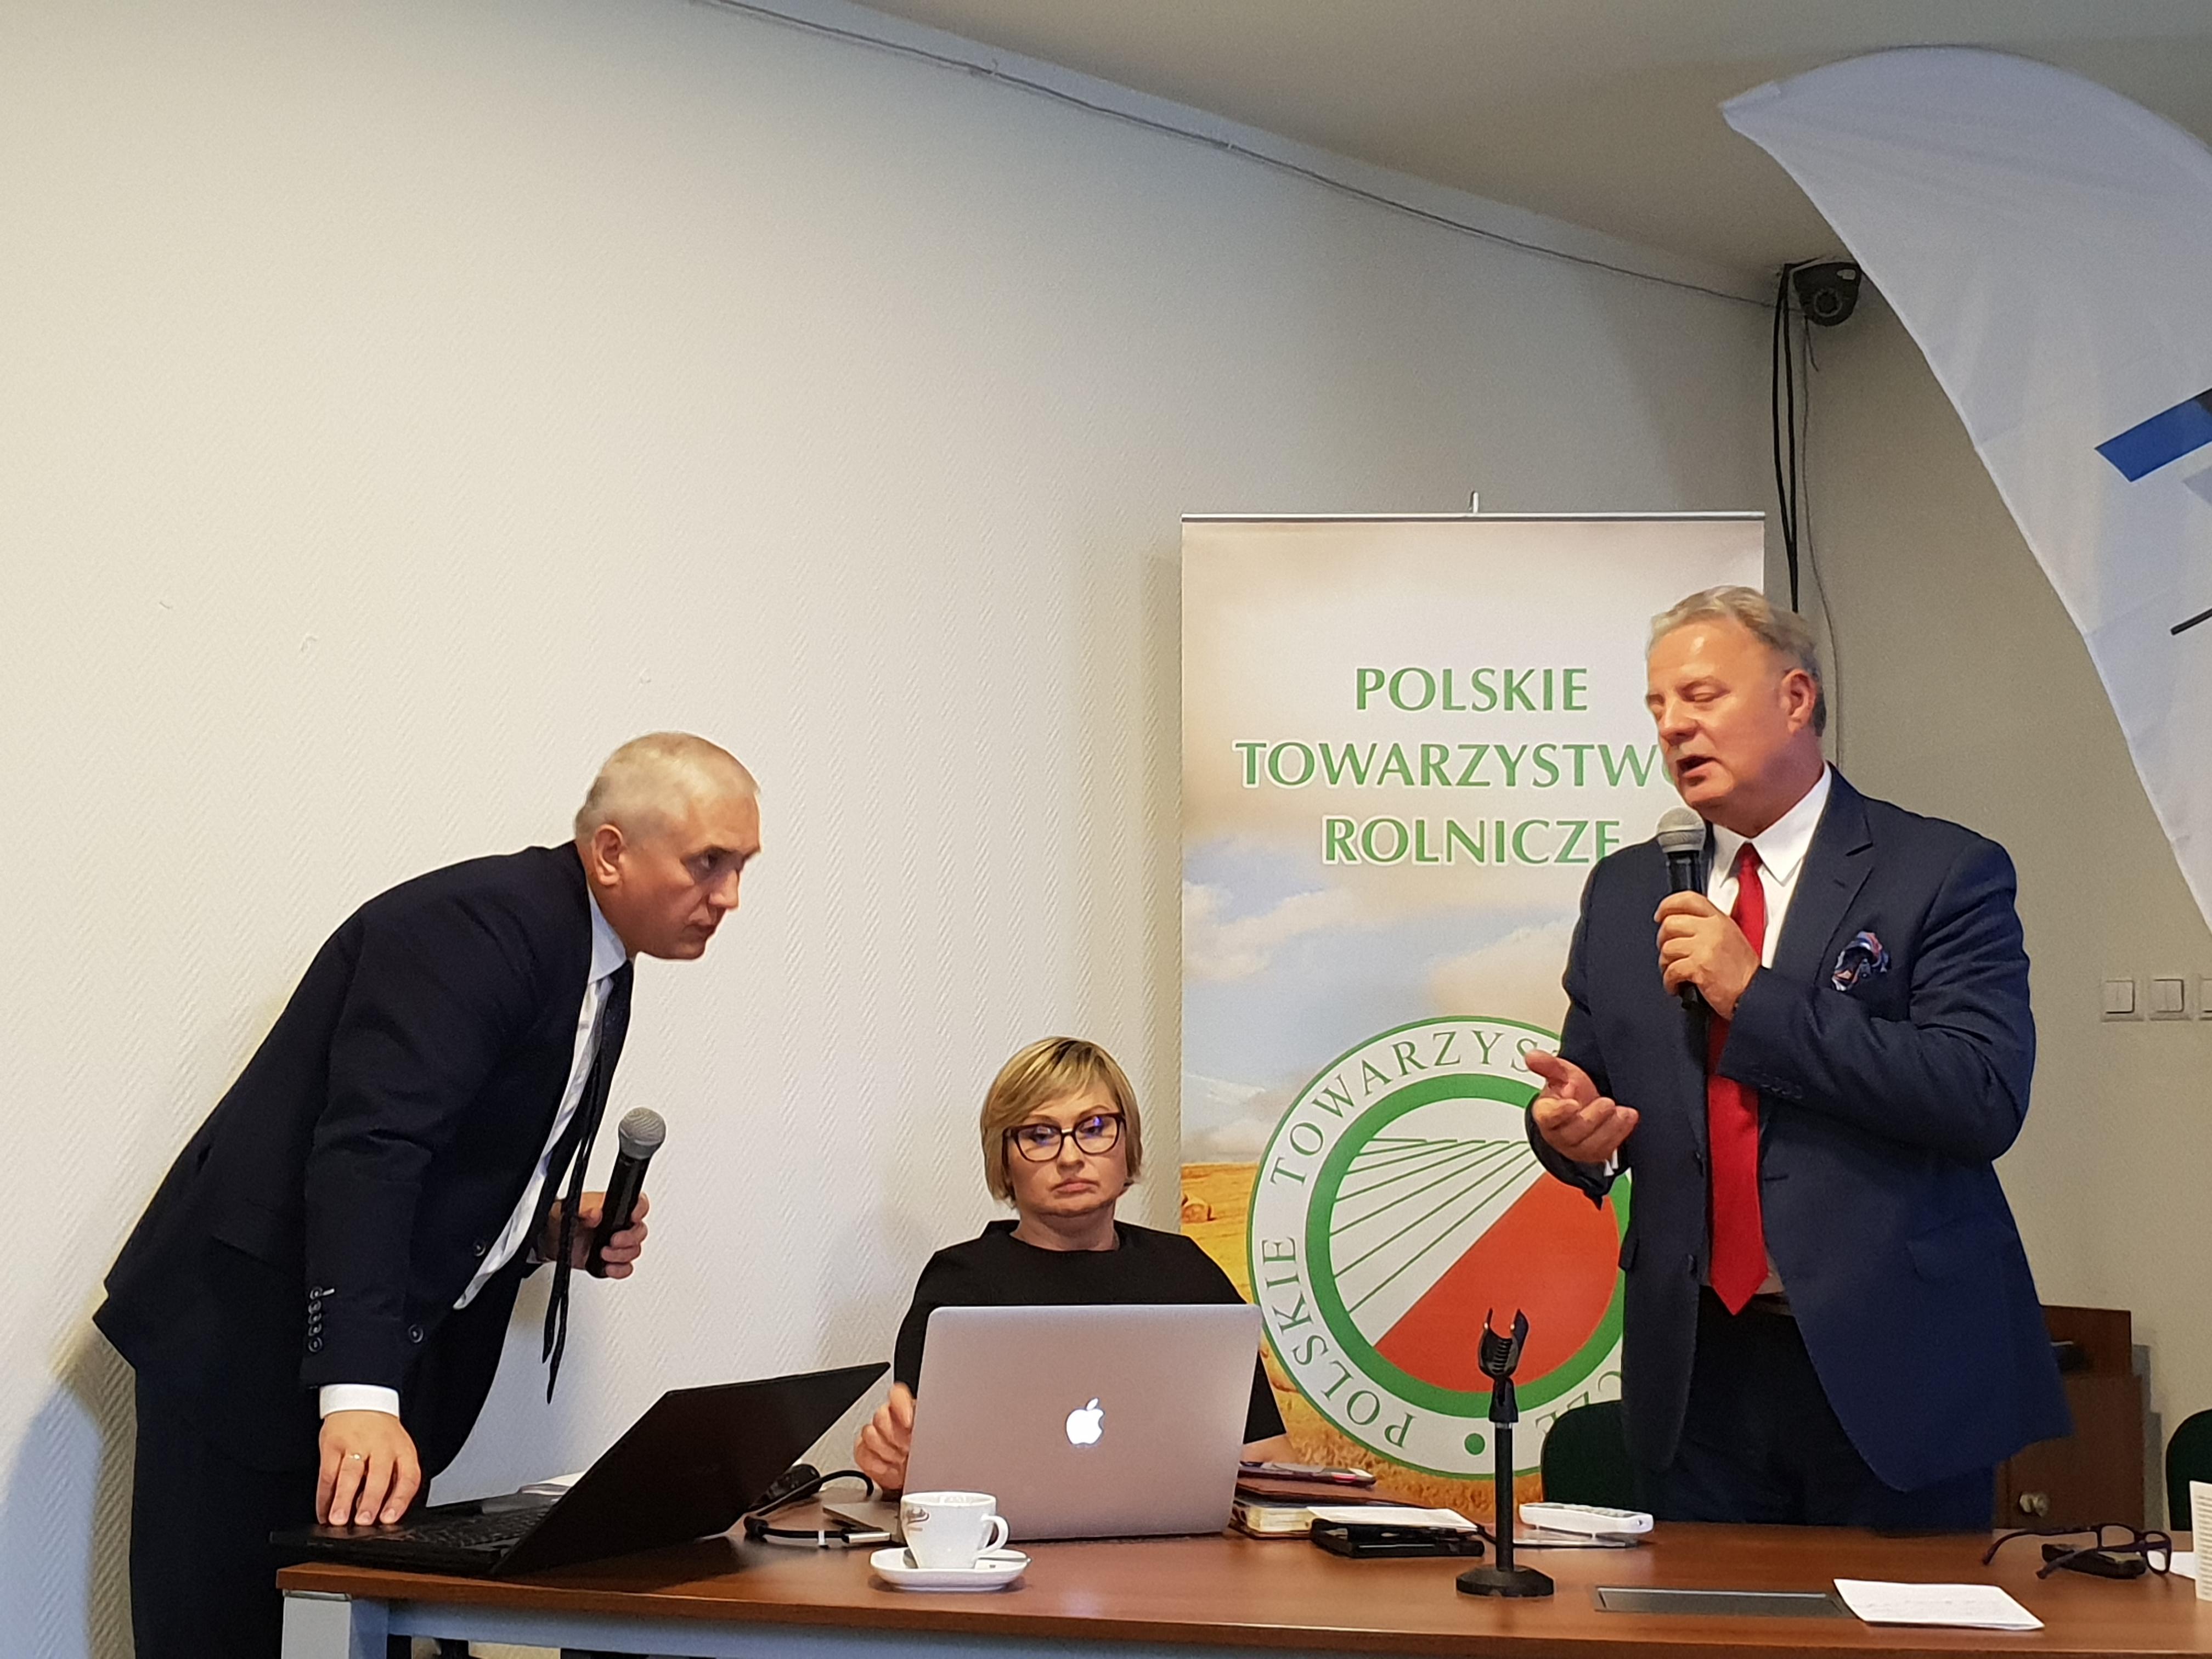 Walne zebranie Polskiego Towarzystwa Rolniczego